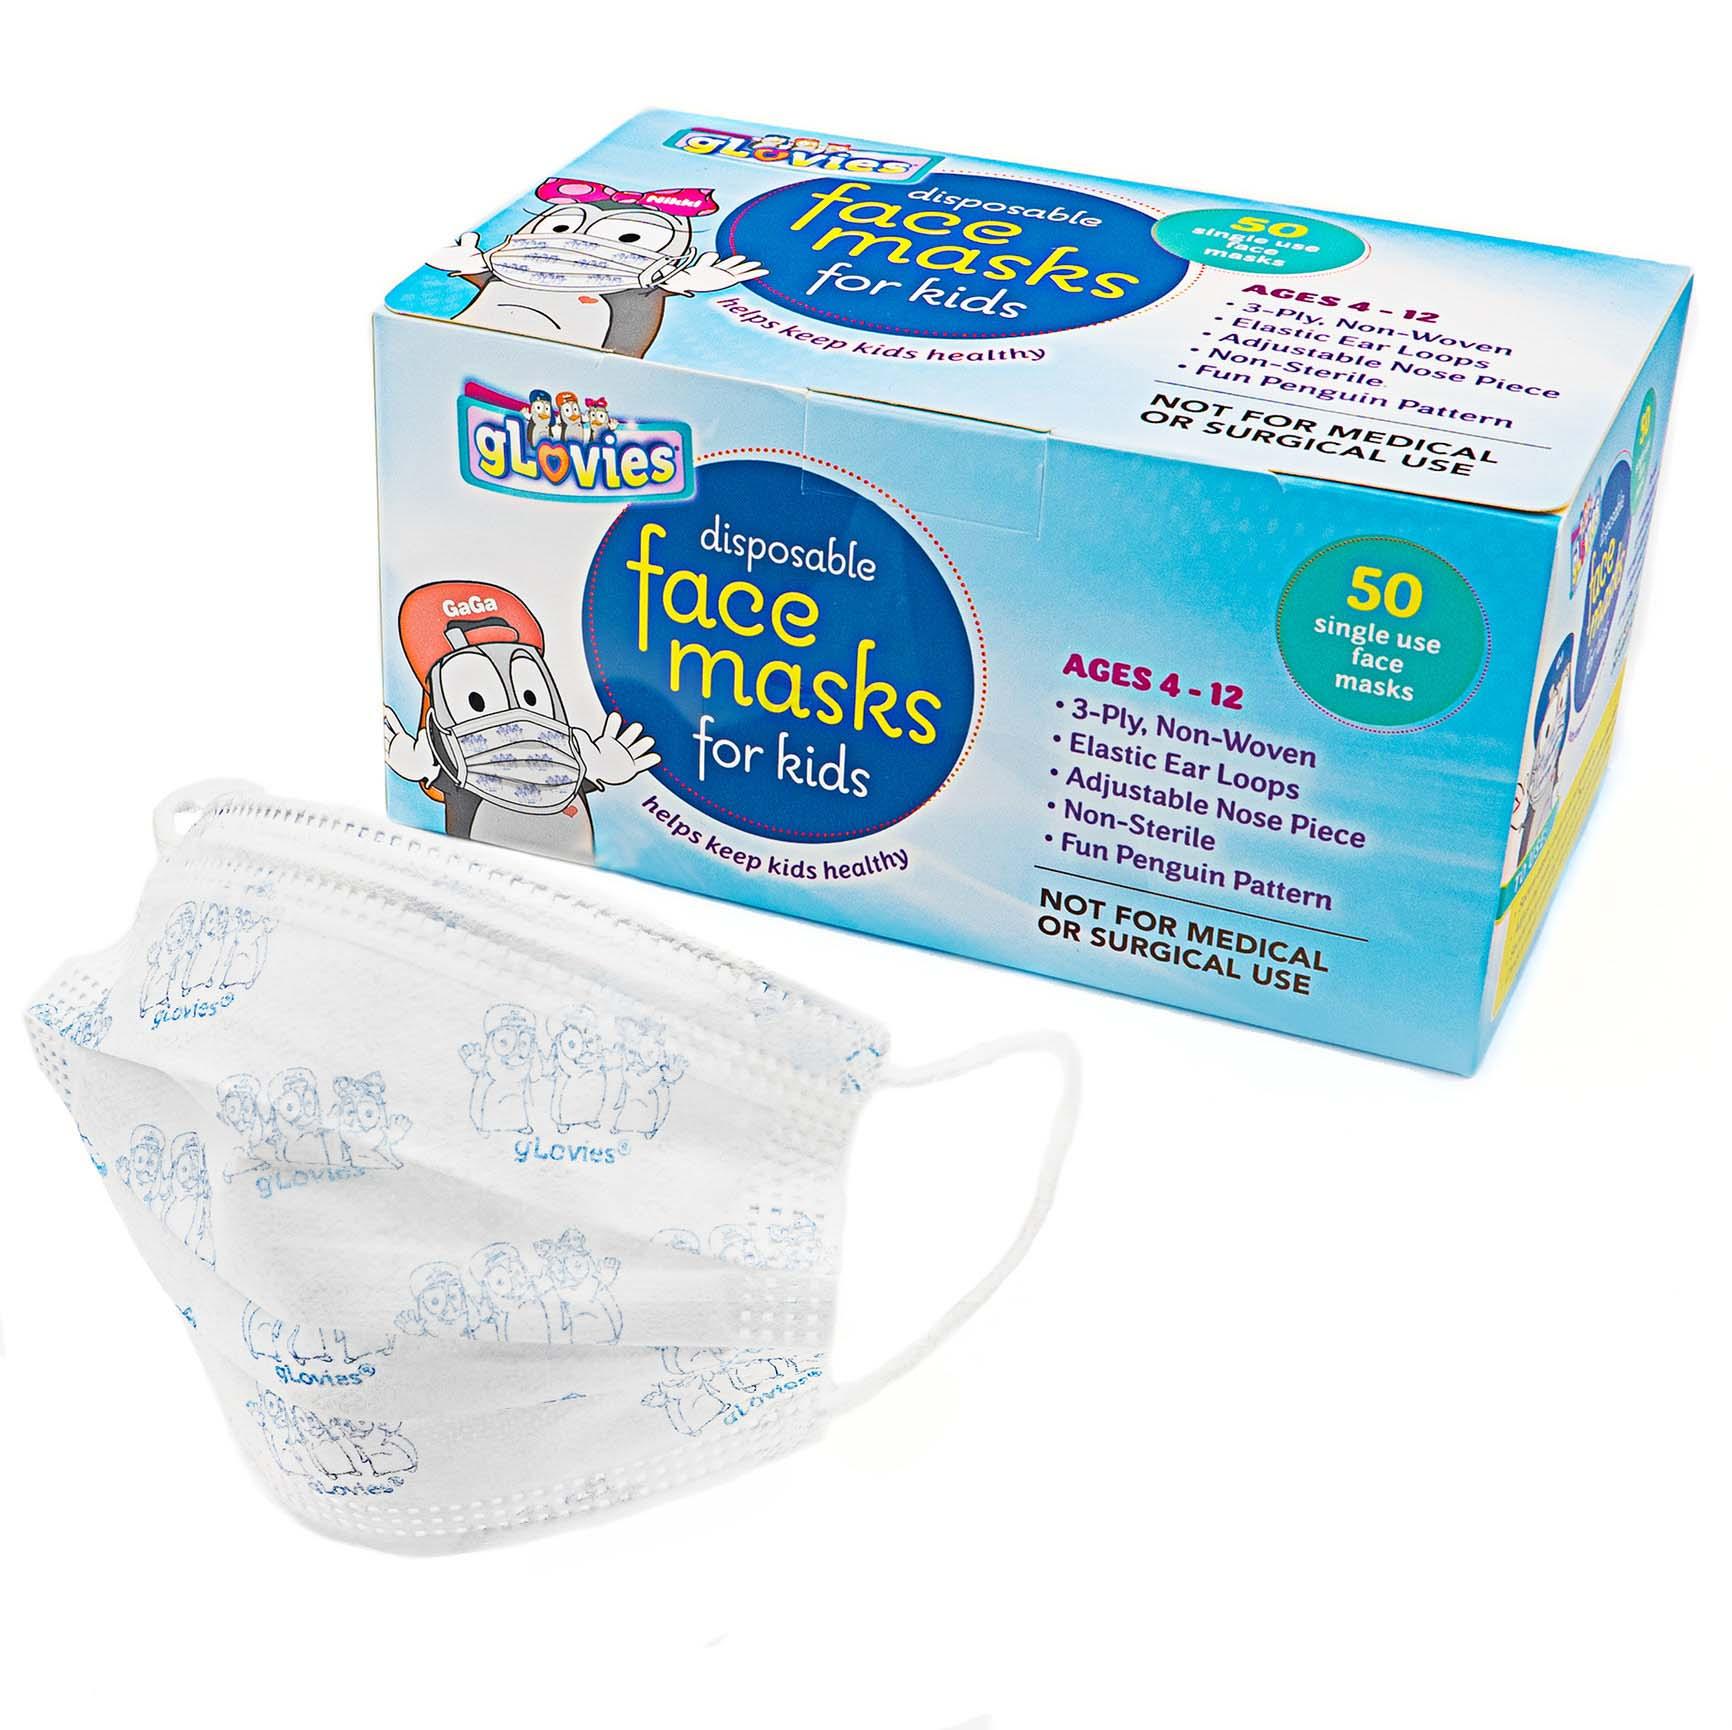 amazon white product photo of gloves